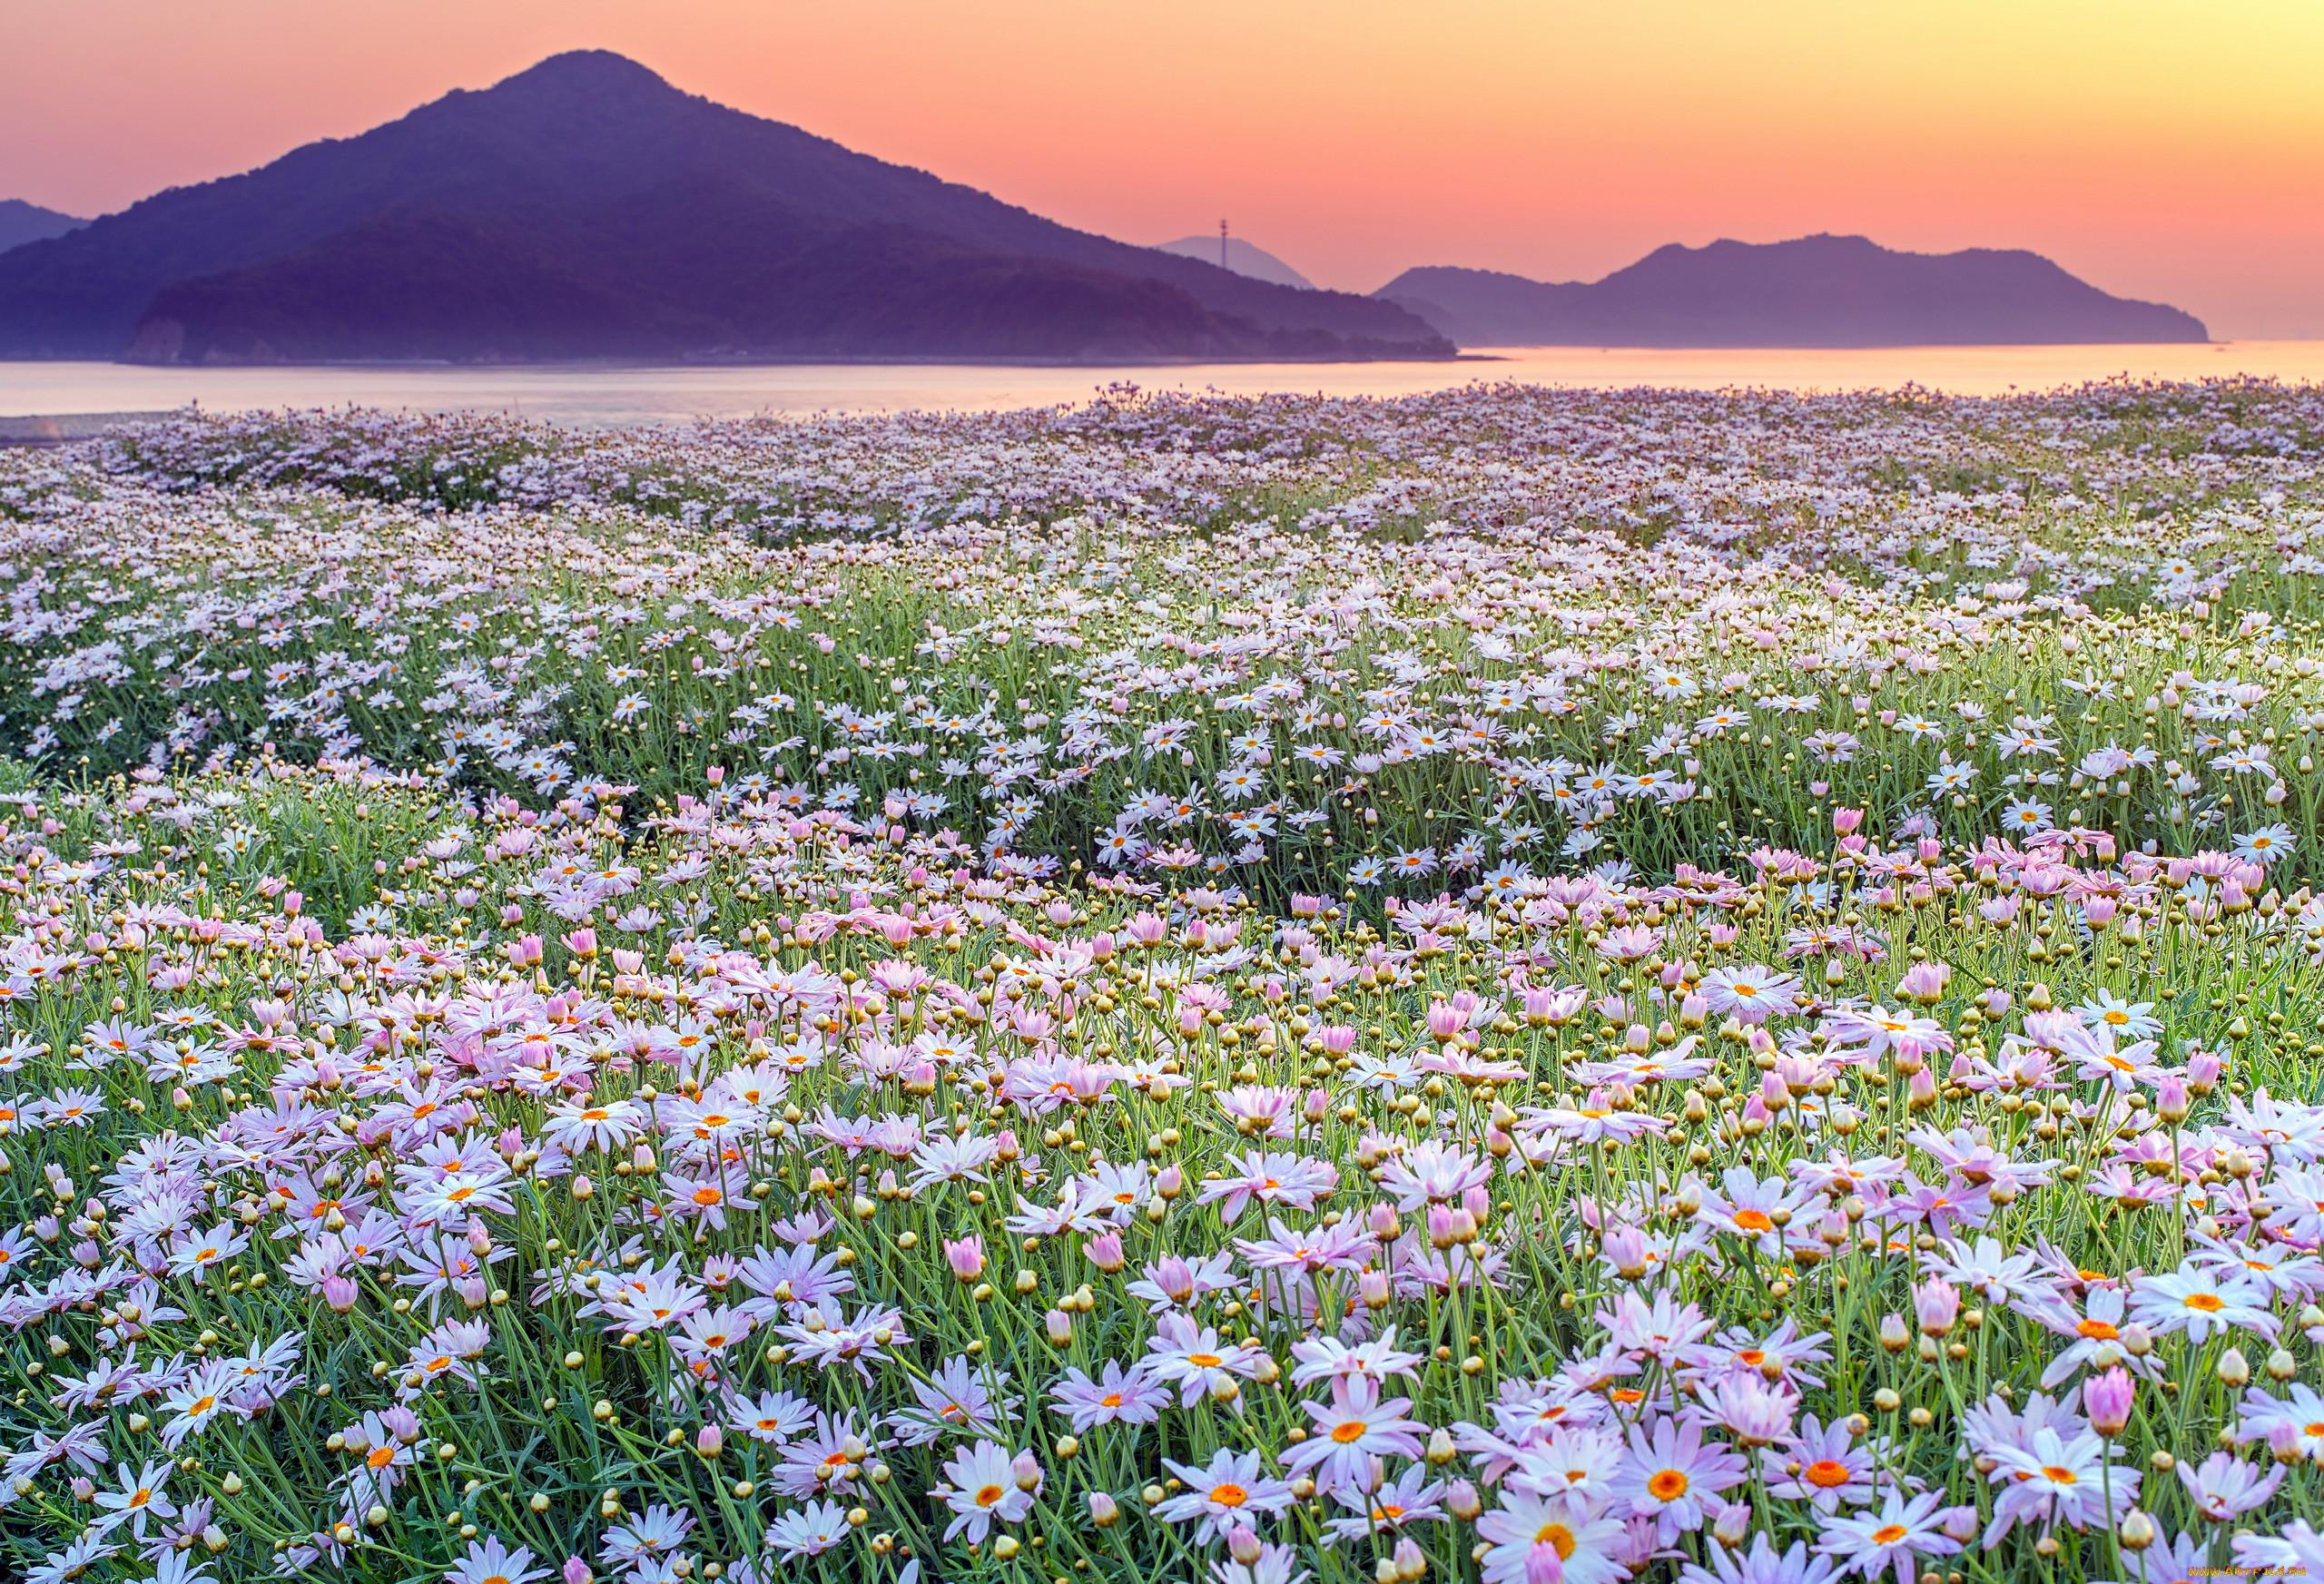 сорта фото цветущих полей и лугов если быть